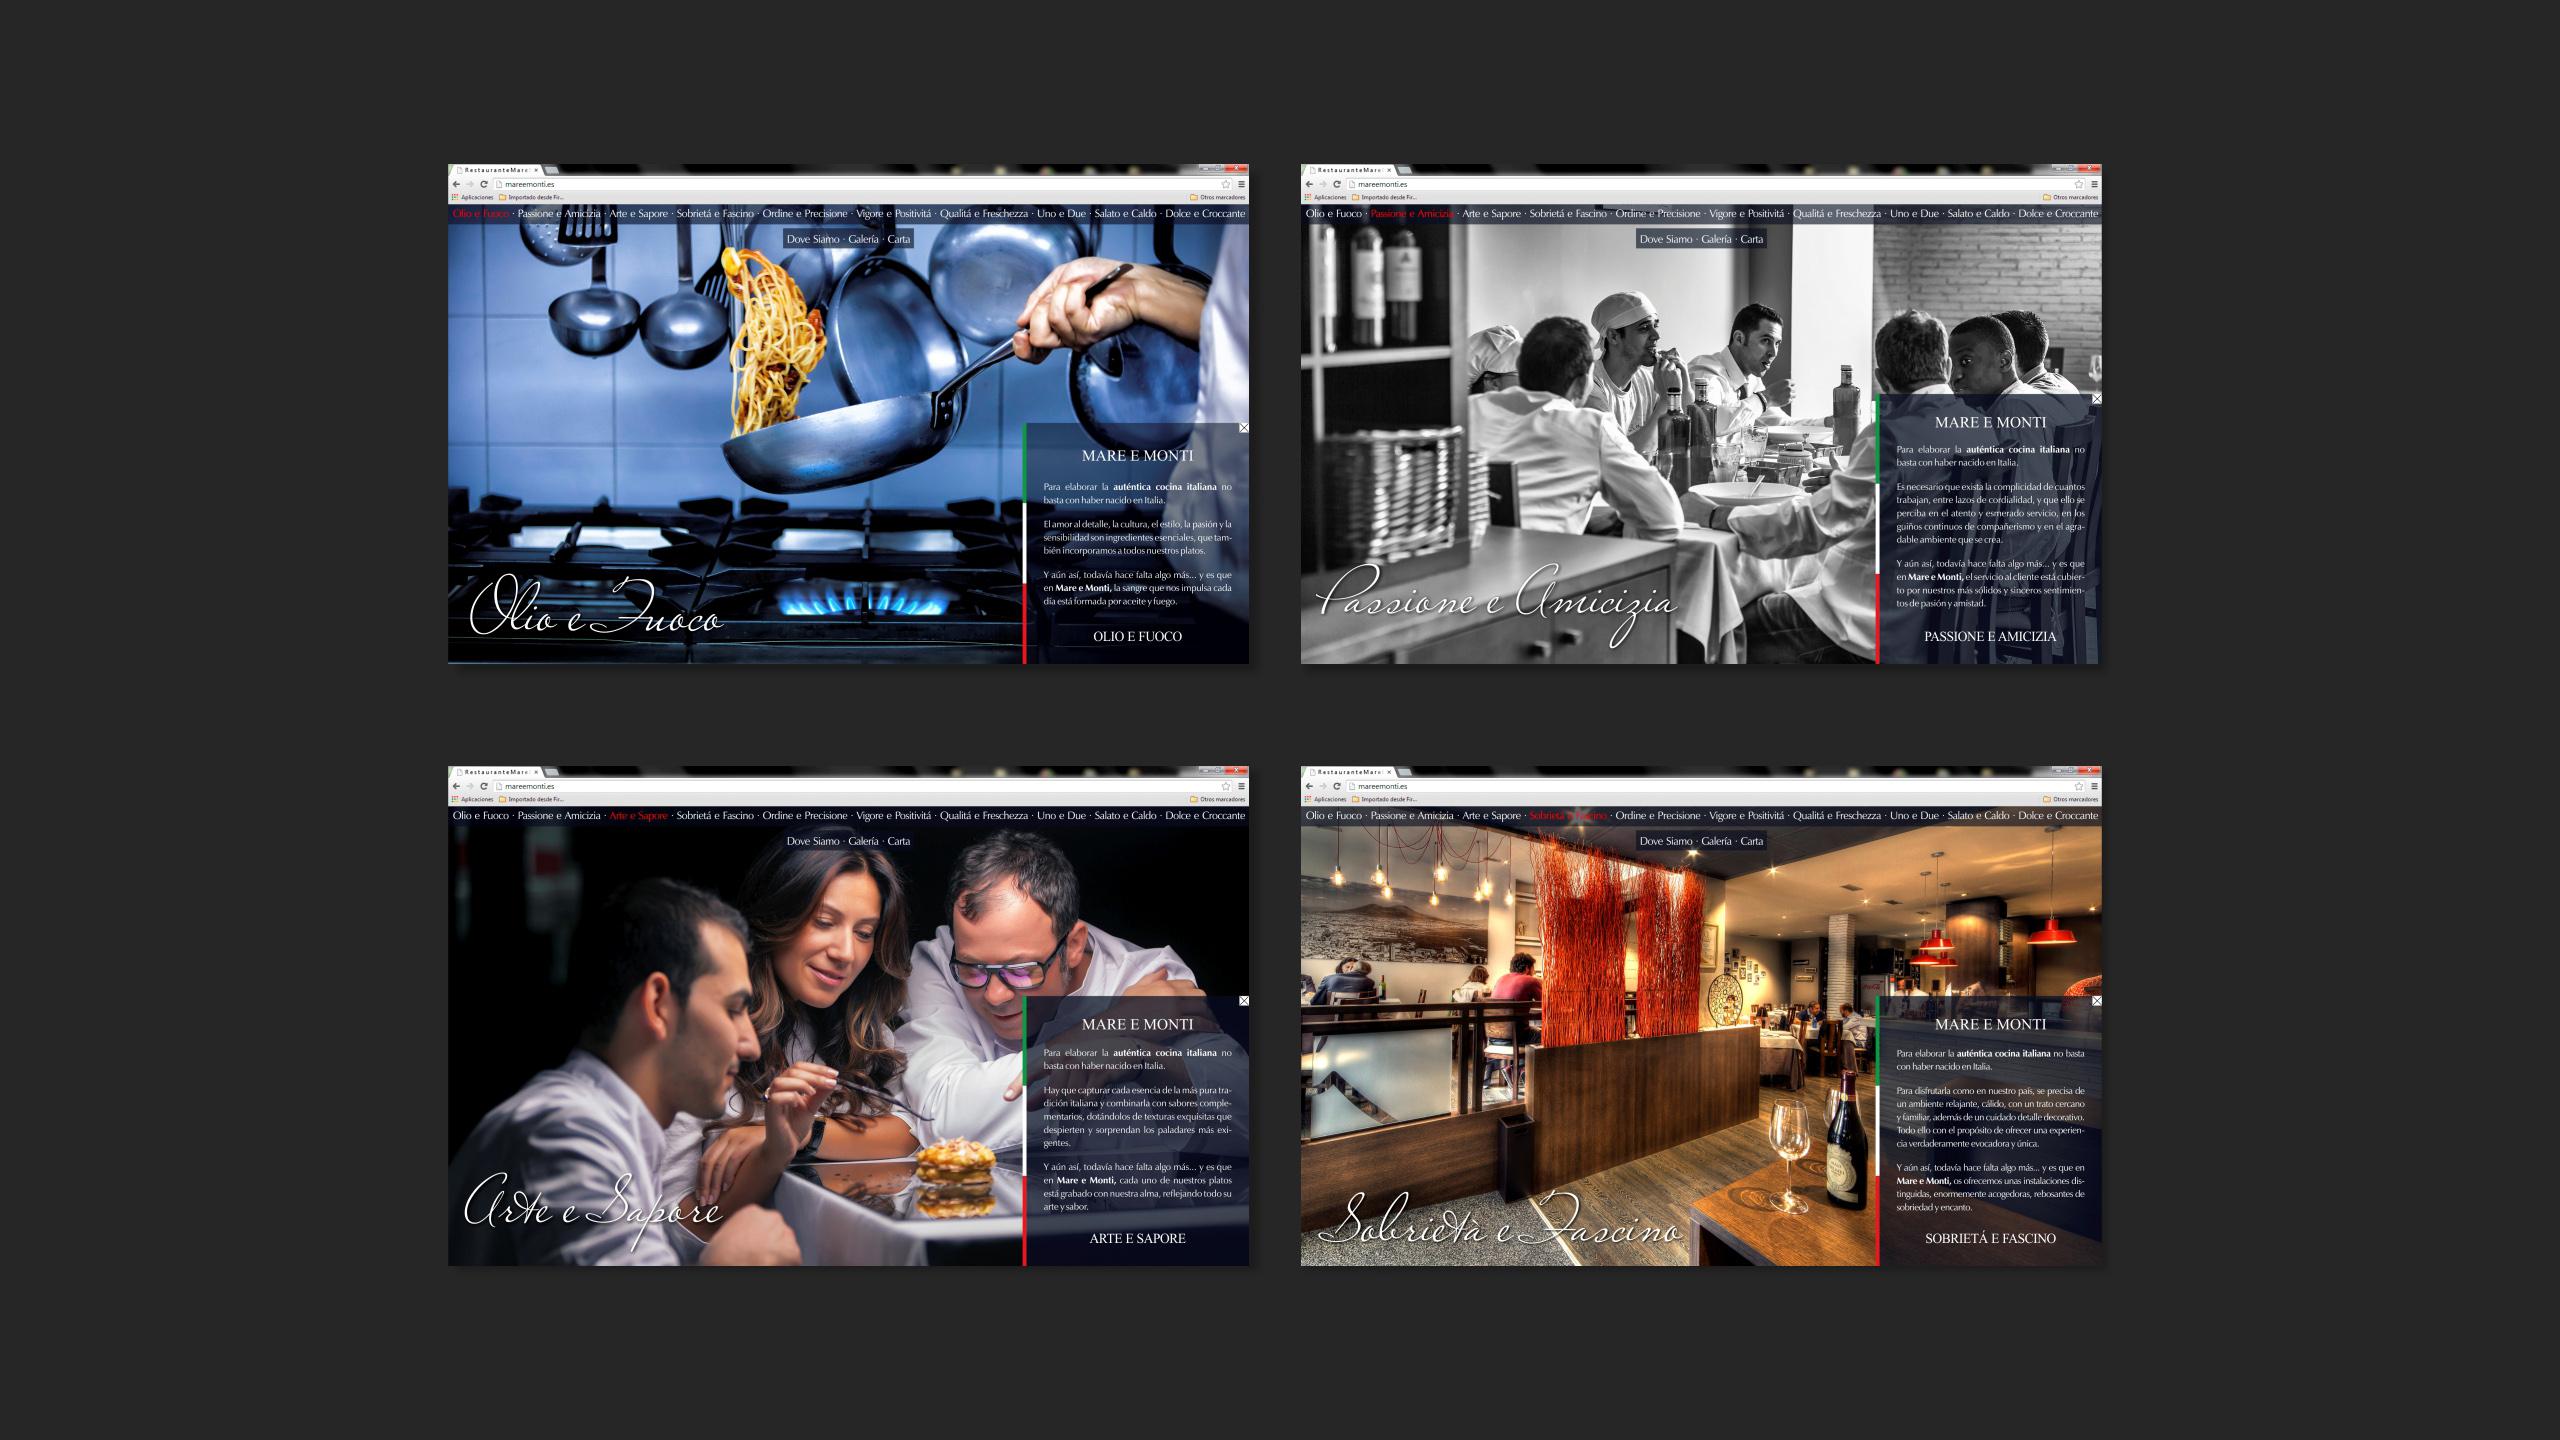 Diseño Mare e Monti diagramacion site 2